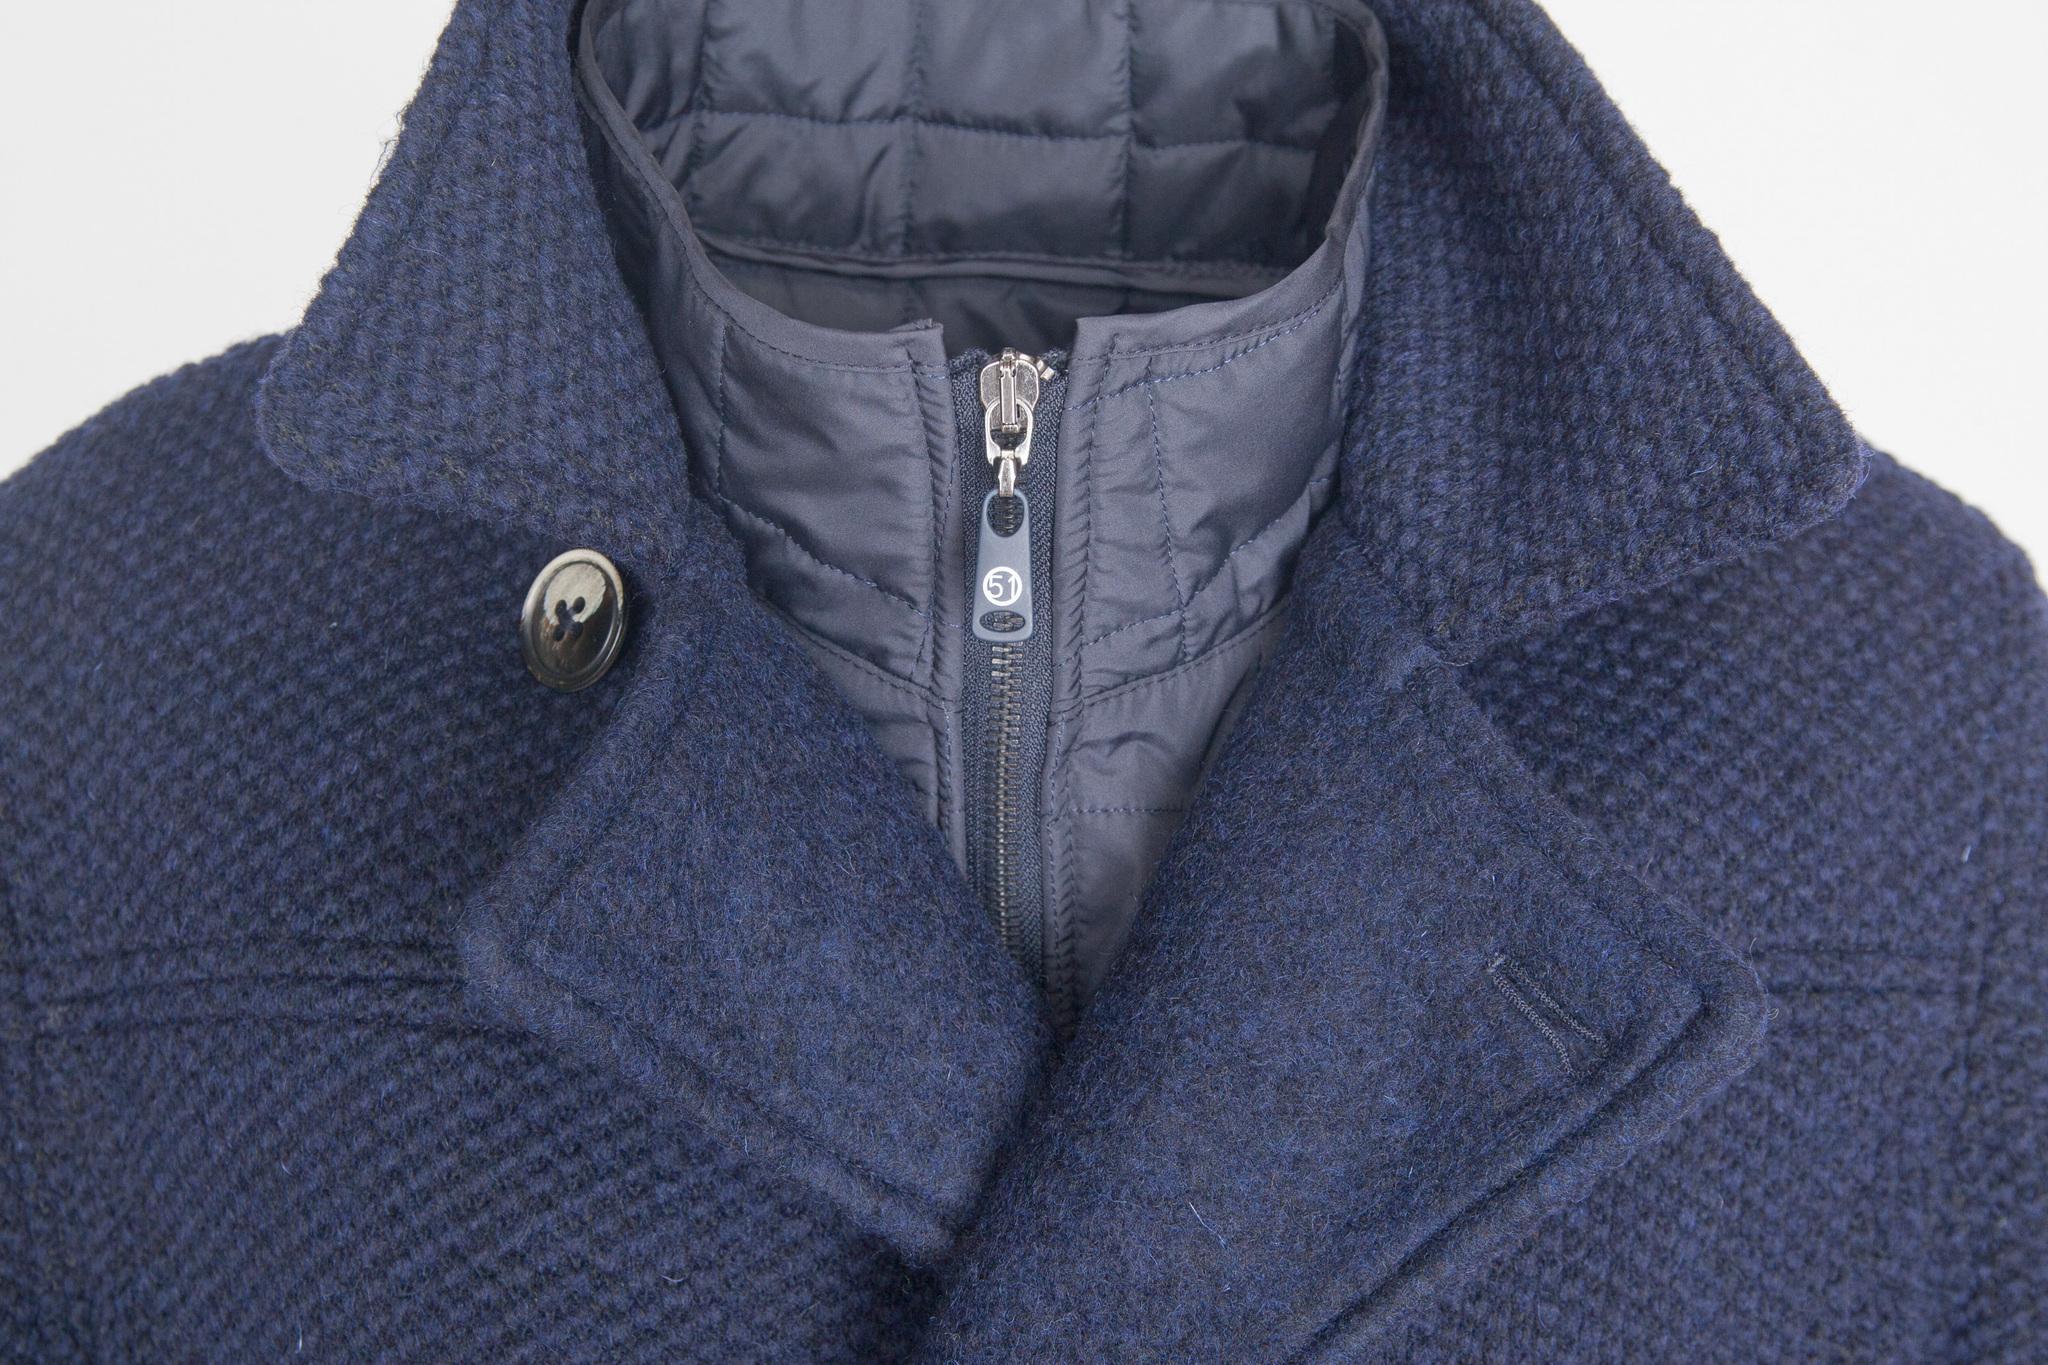 Двубортное тёмно-синее пальто из натуральной шерсти, воротник